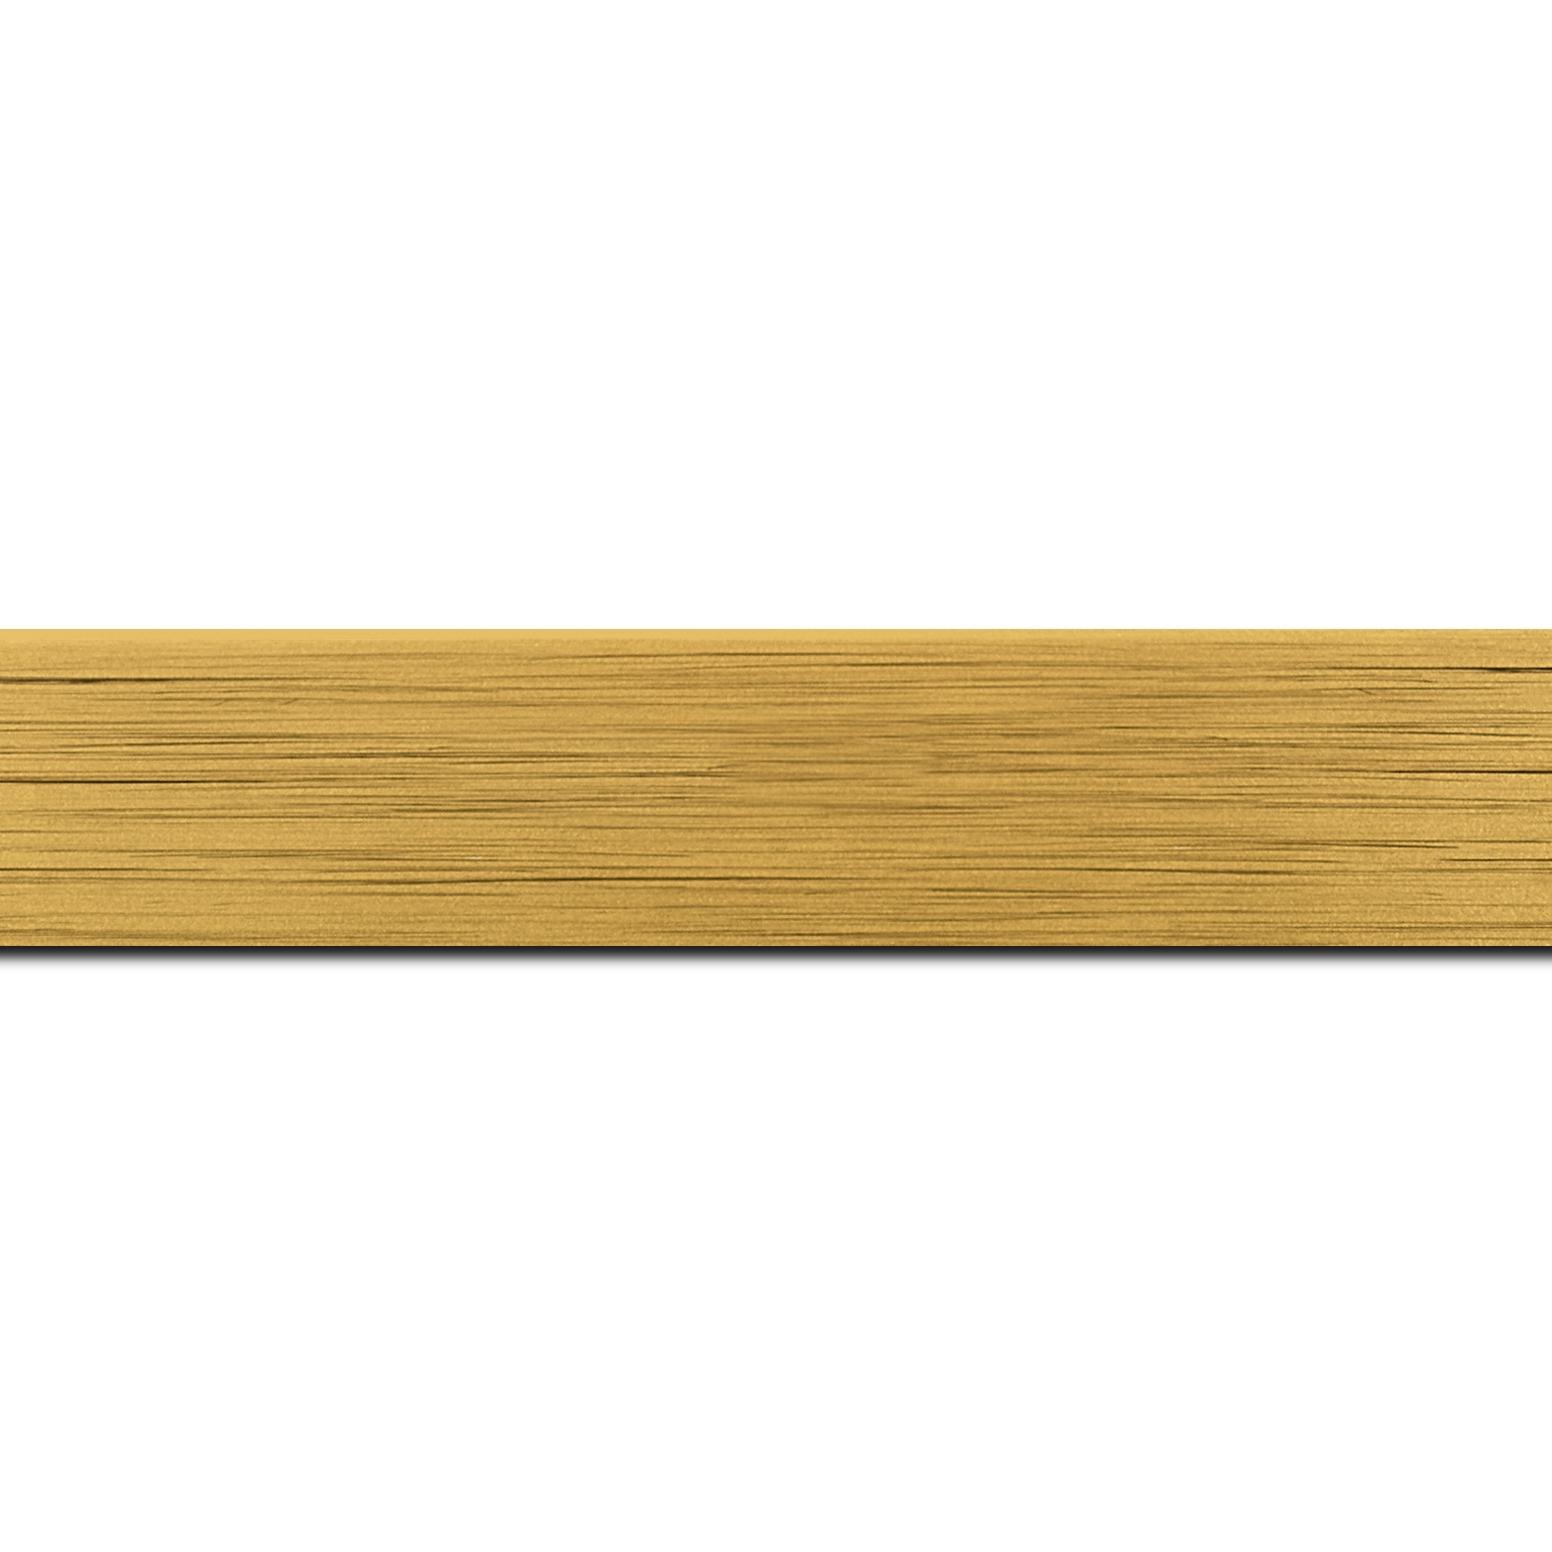 Baguette longueur 1.40m bois profil plat largeur 3cm couleur or effet cube (le sujet qui sera glissé dans le cadre sera en retrait de la face du cadre de 1.4cm assurant un effet très contemporain)